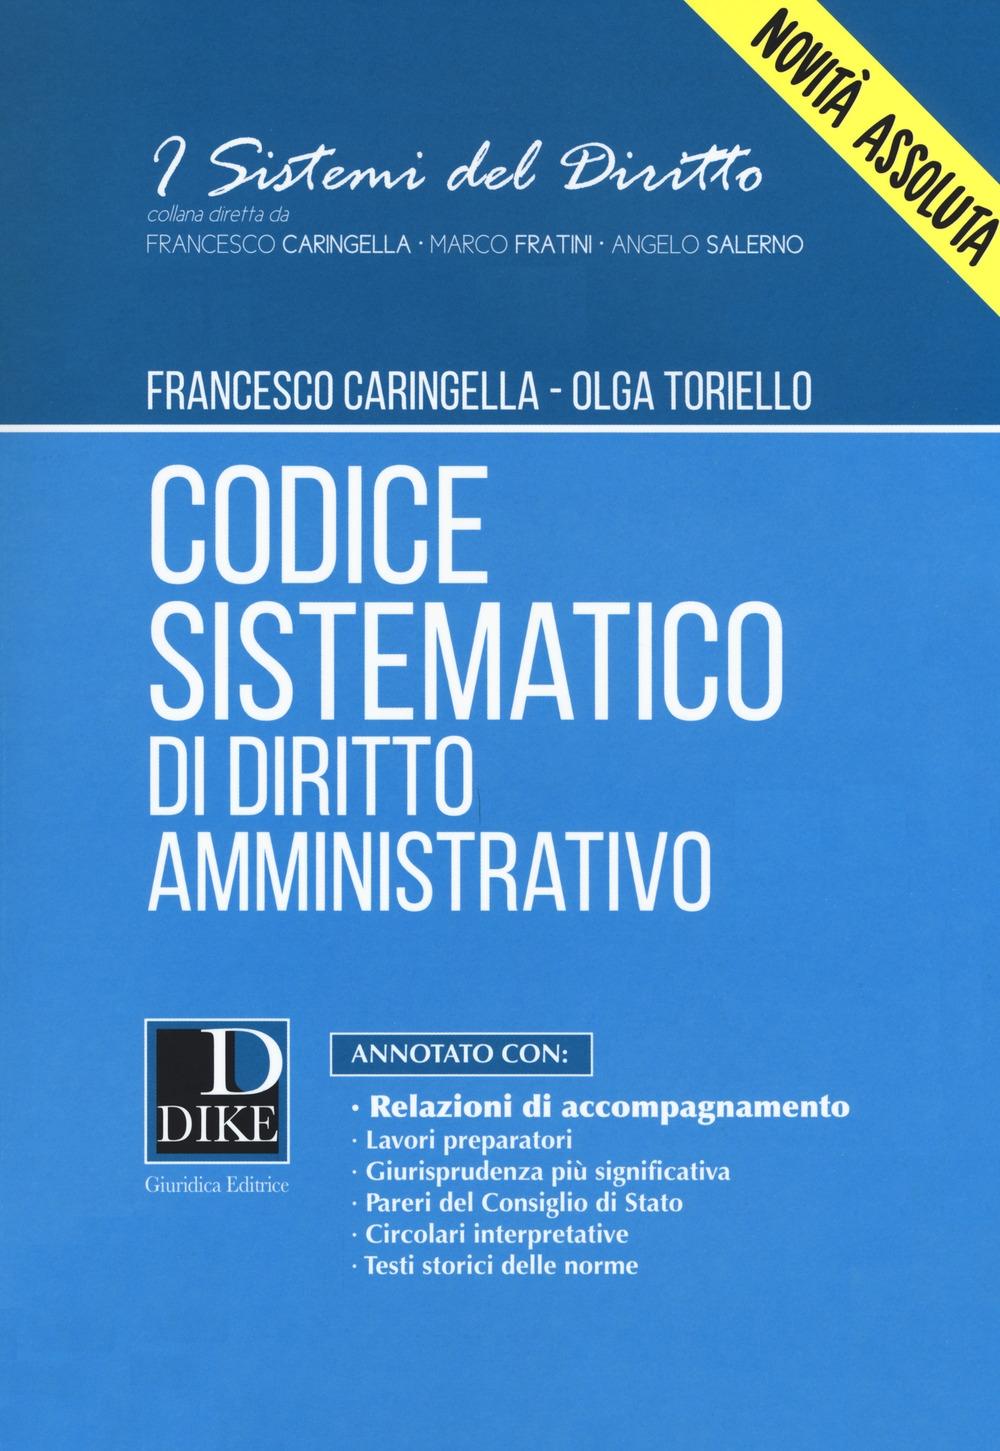 Codice sistematico di diritto amministrativo